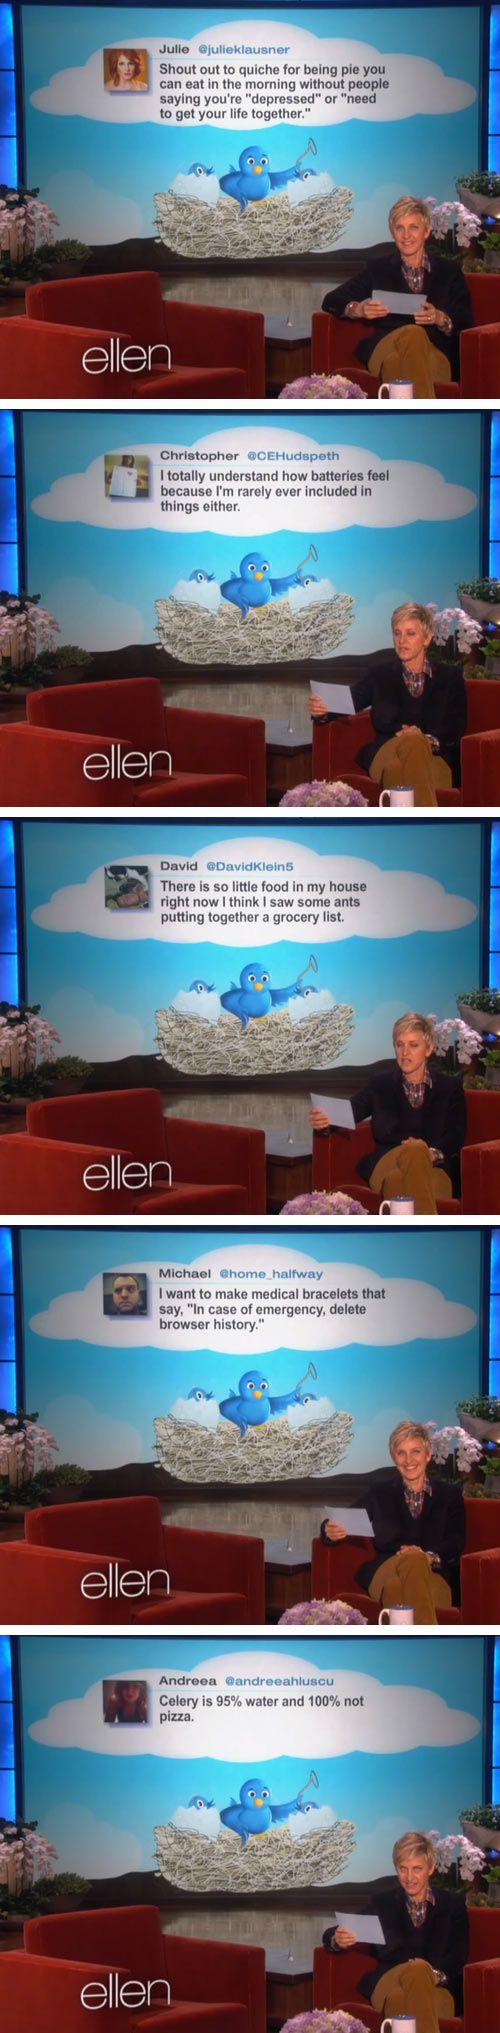 Ellen's favorite tweets of the week…the last one!